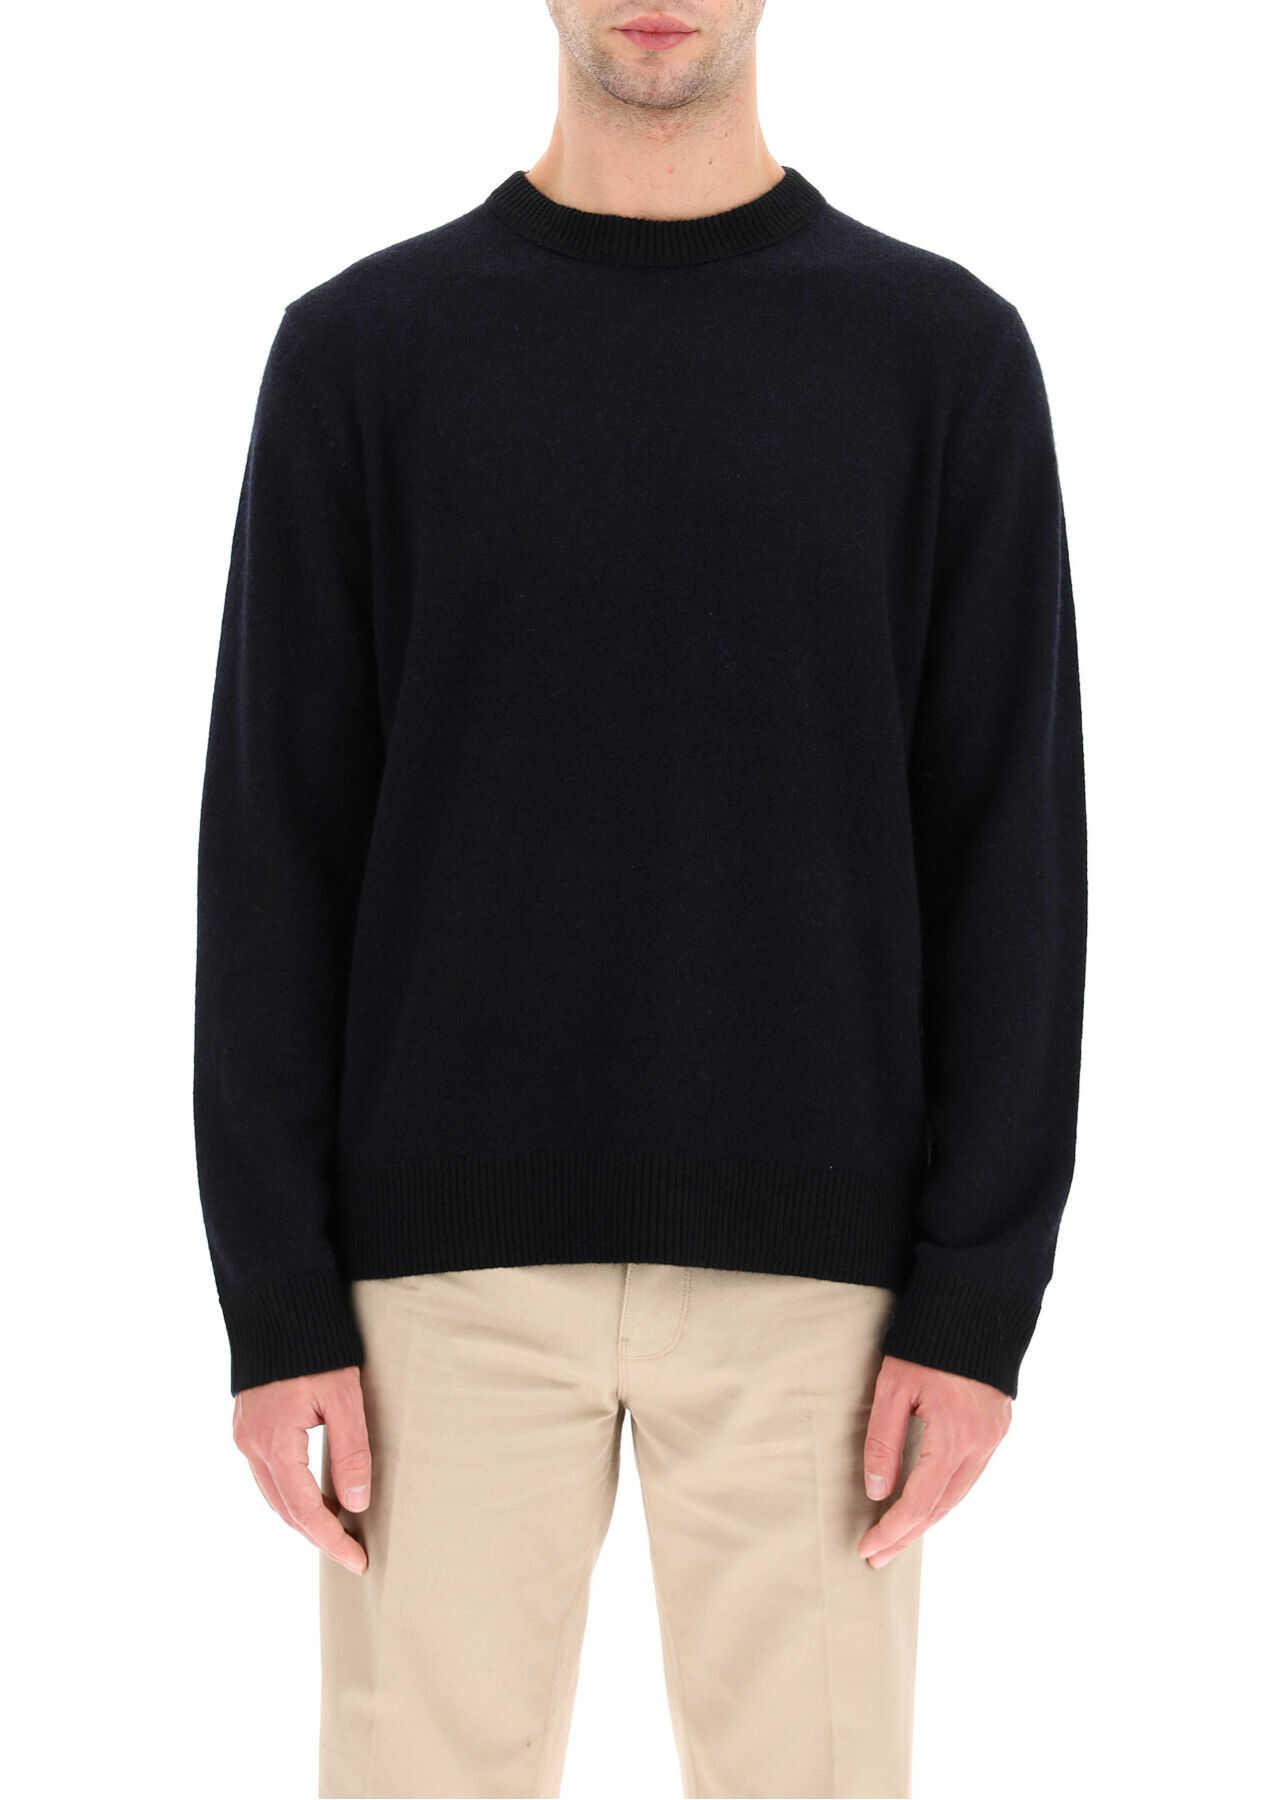 Acne Studios Cashmere Sweater BLACK PURPLE imagine